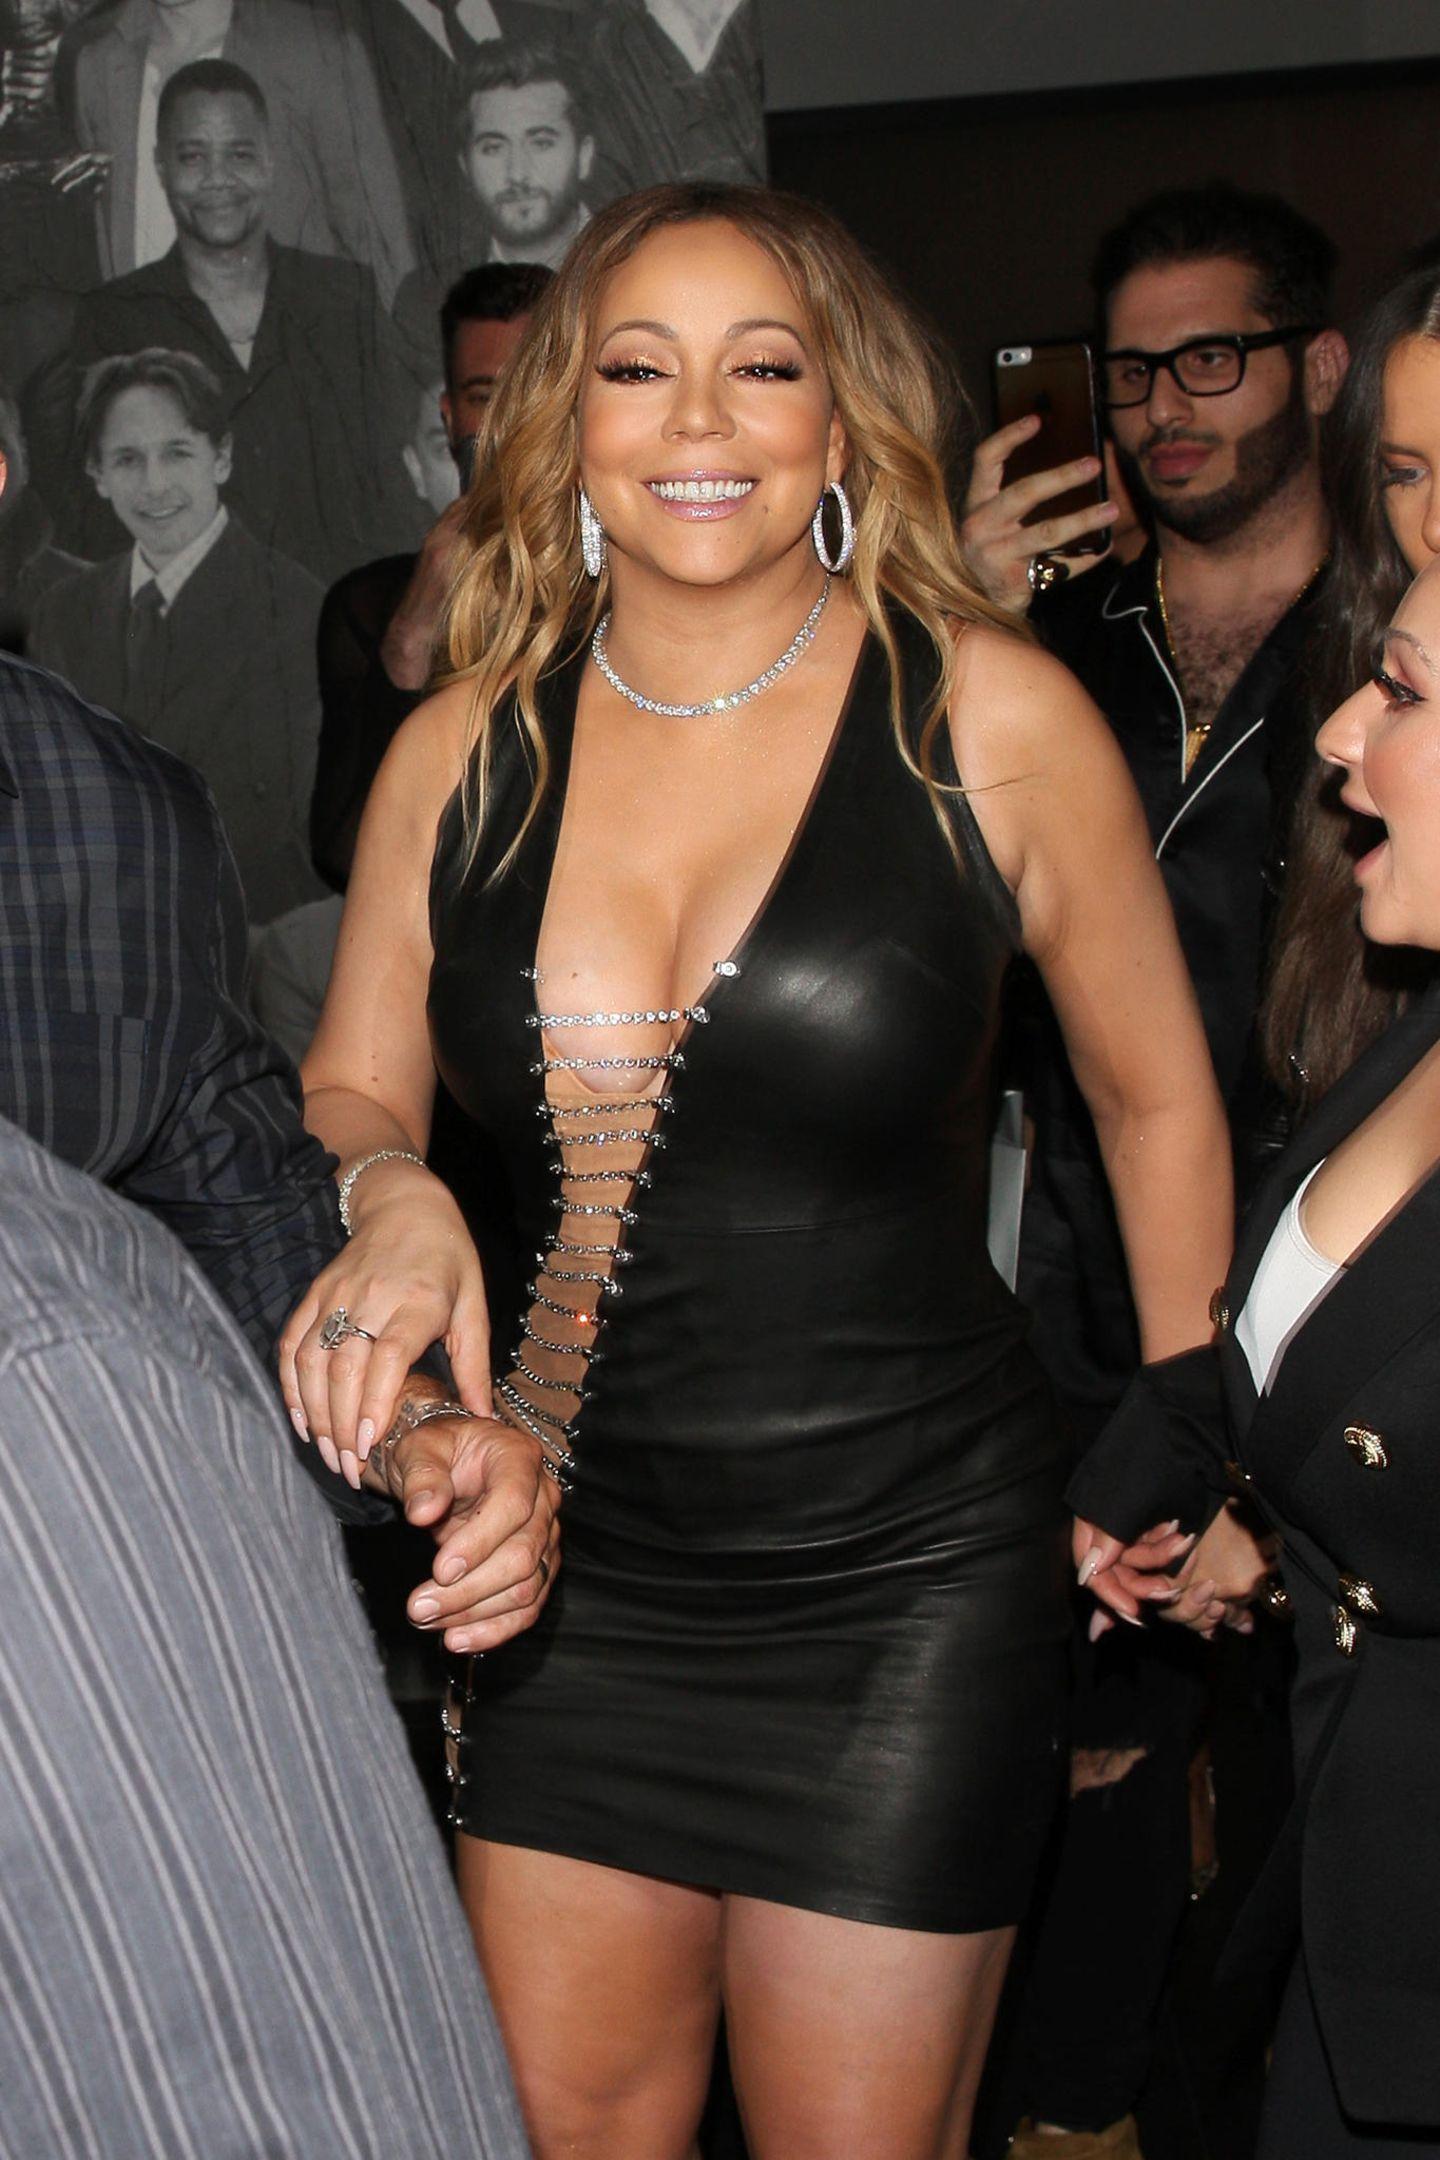 Ausschnitt kann man das hier eigentlich gar nicht mehr nennen: Mariahs Lederkleid gewährt sehr tiefe Einblicke.